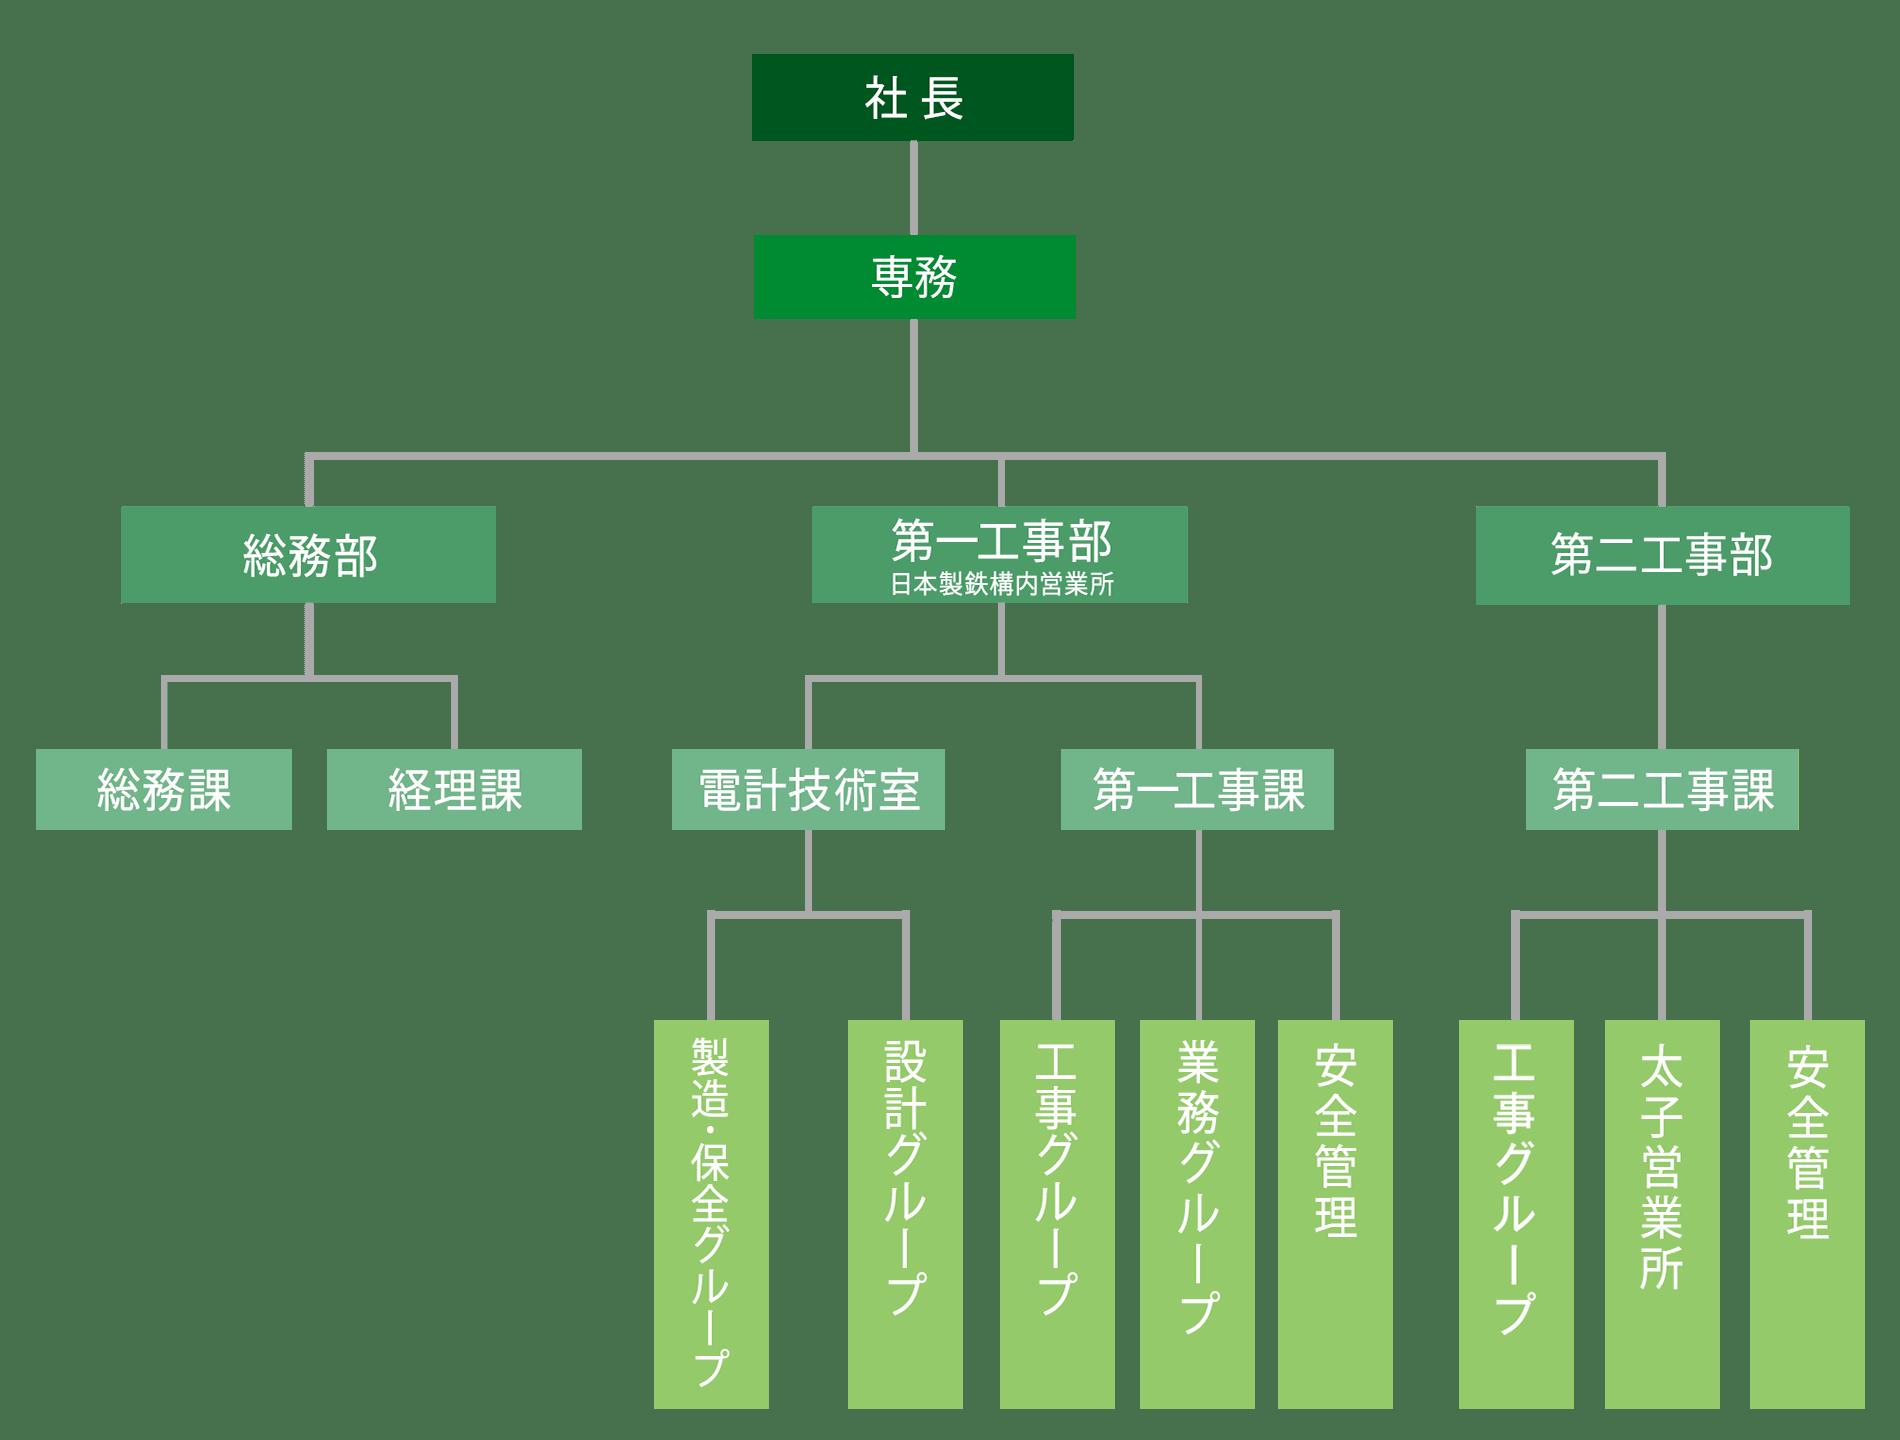 【画像】西部電工株式会社 組織図